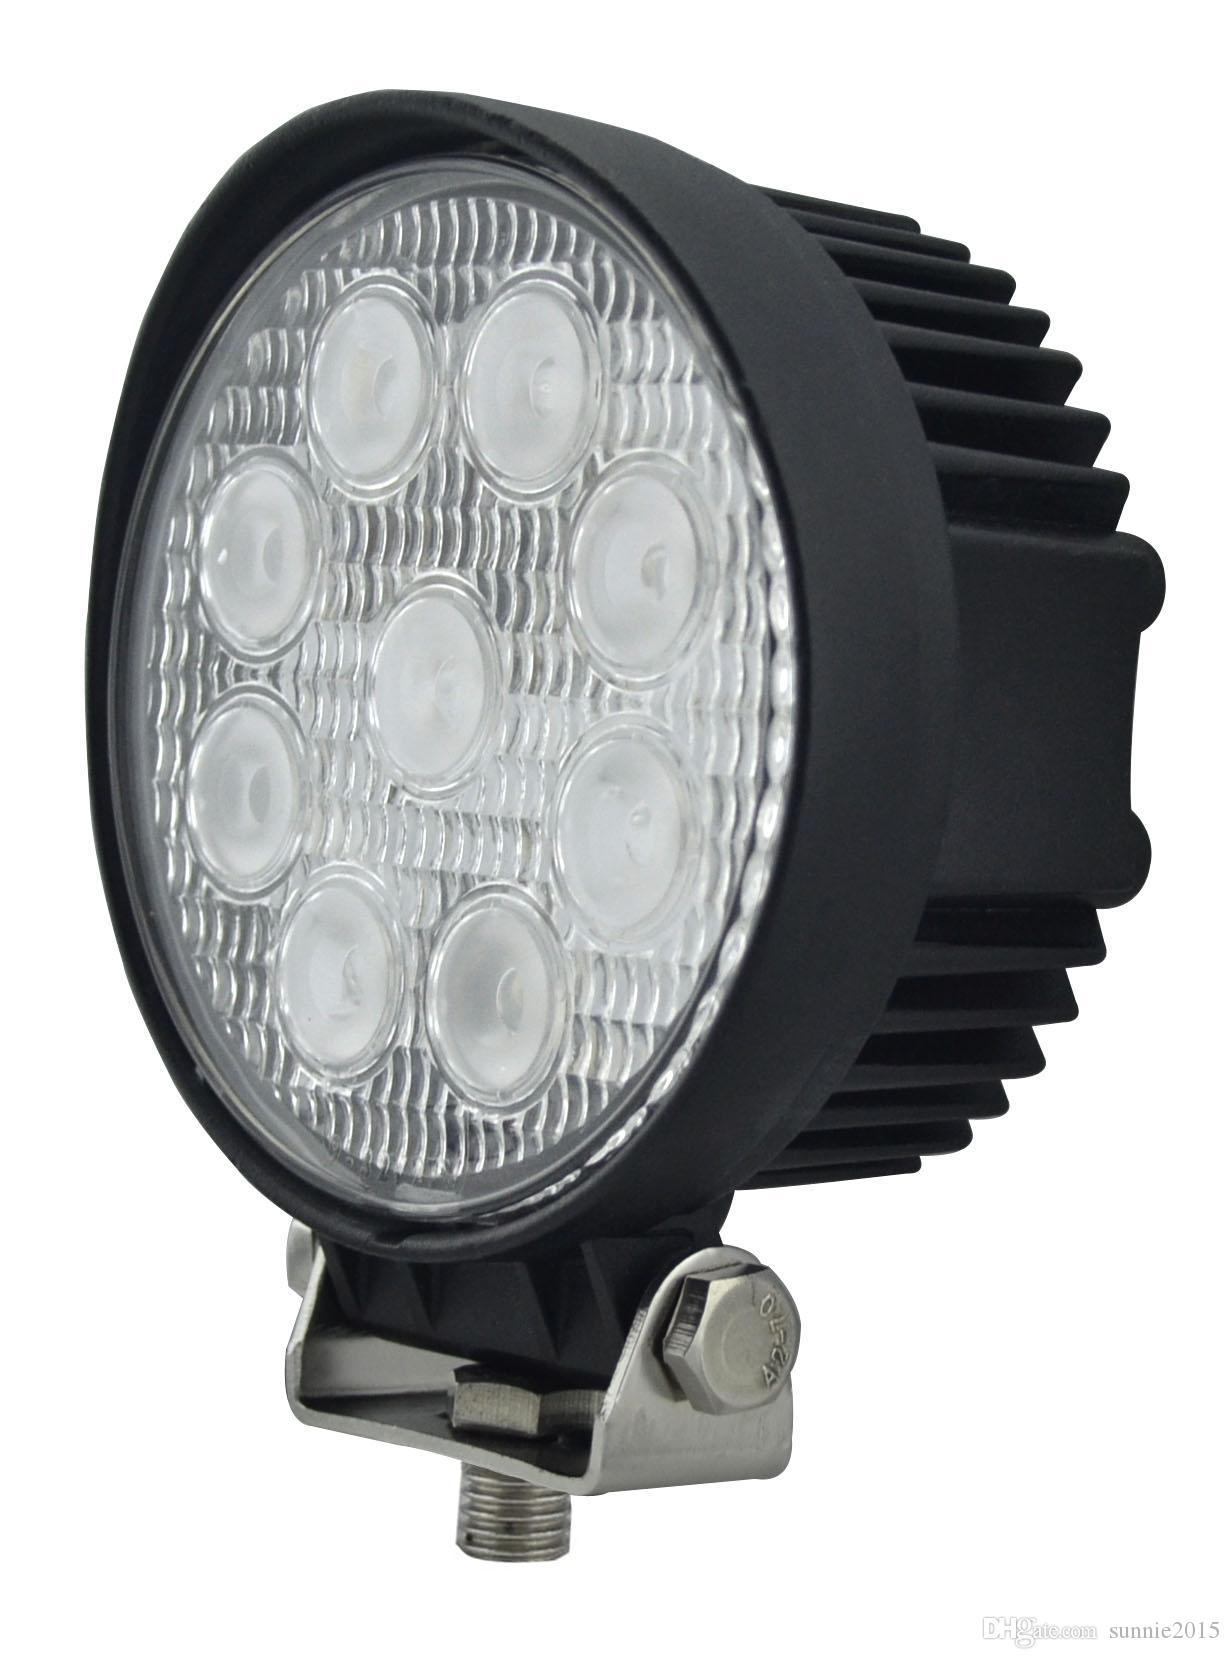 La meilleure vente autour de 4 pouces 27w a mené la lumière de travail IP68, faisceau de projecteurs / projecteurs, lumière de conduite menée pour camions, tracteur